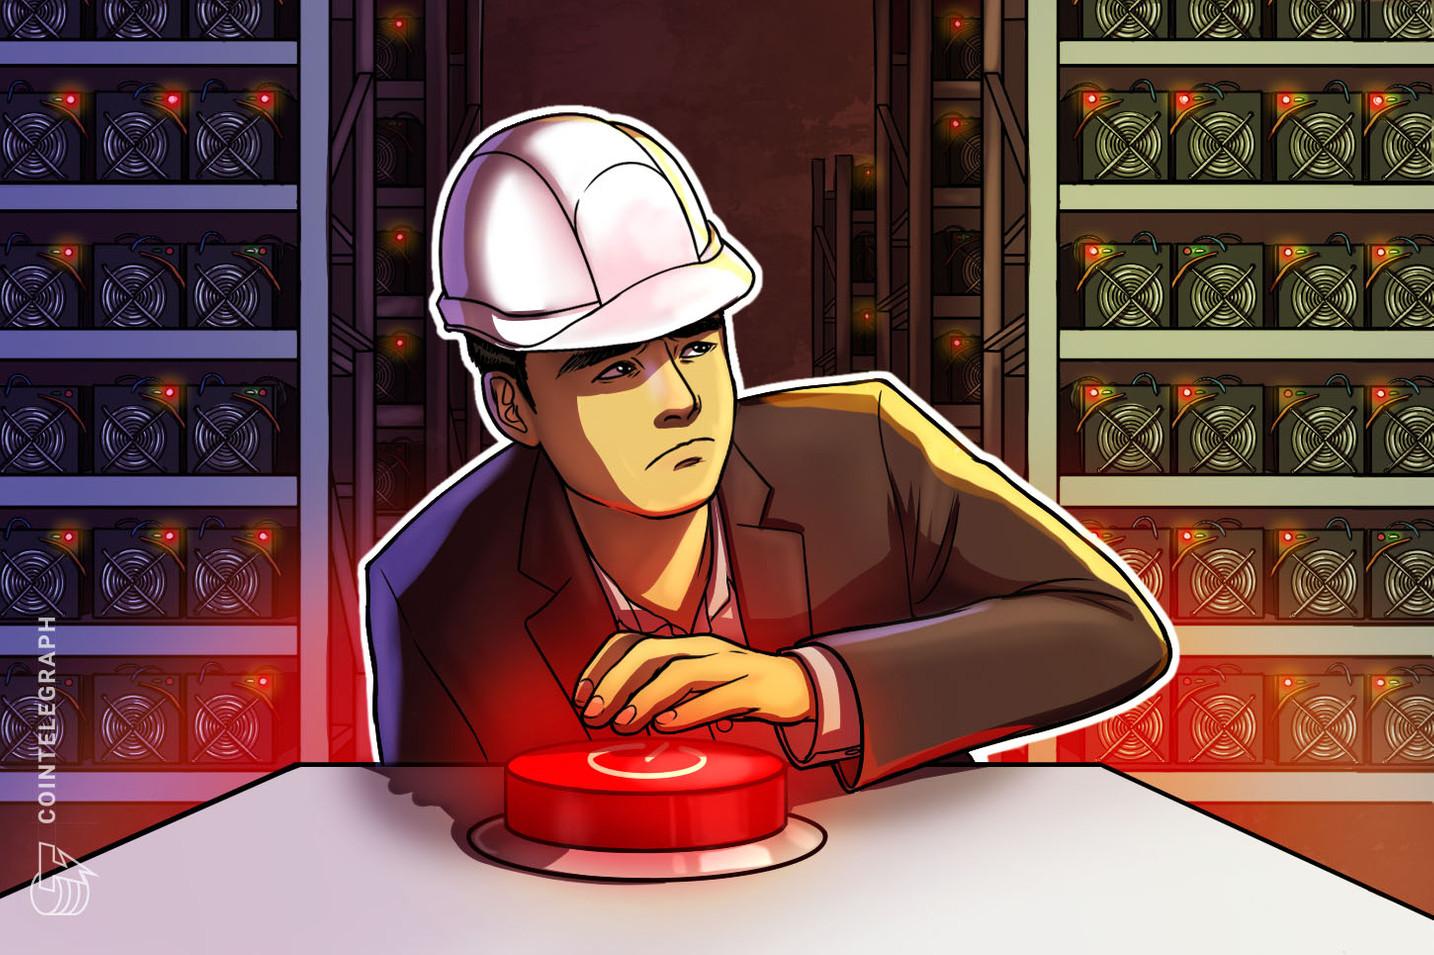 Regolatore cinese: la provincia del Sichuan dovrebbe utilizzare l'energia idroelettrica per l'industria blockchain